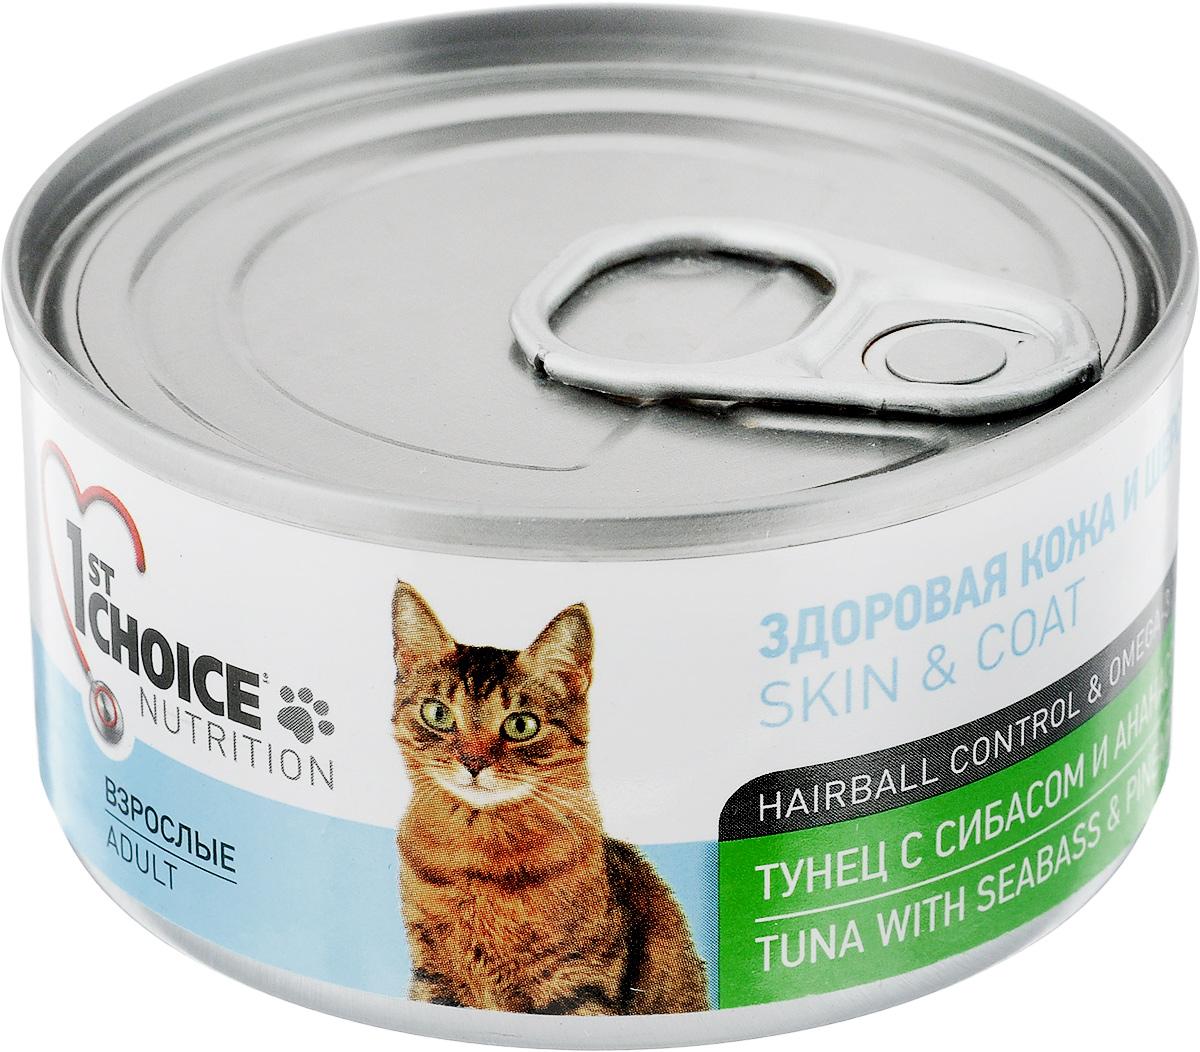 Консервы 1st Choice, для взрослых кошек, тунец с сибасом и ананасом, 85 г102.6.004Консервы 1st Choice является уникальным, натуральным, здоровым и функциональным дополнительным консервированным питанием для котят. Корм рекомендуется смешивать с кашами. Консервы изготовлены из высококачественного мясного сырья. Они обеспечивают здоровую и красивую шерсть, благодаря высокому содержанию Омега-3 и эффективную систему вывода шерсти и контроля образования волосяных комочков. Товар сертифицирован.